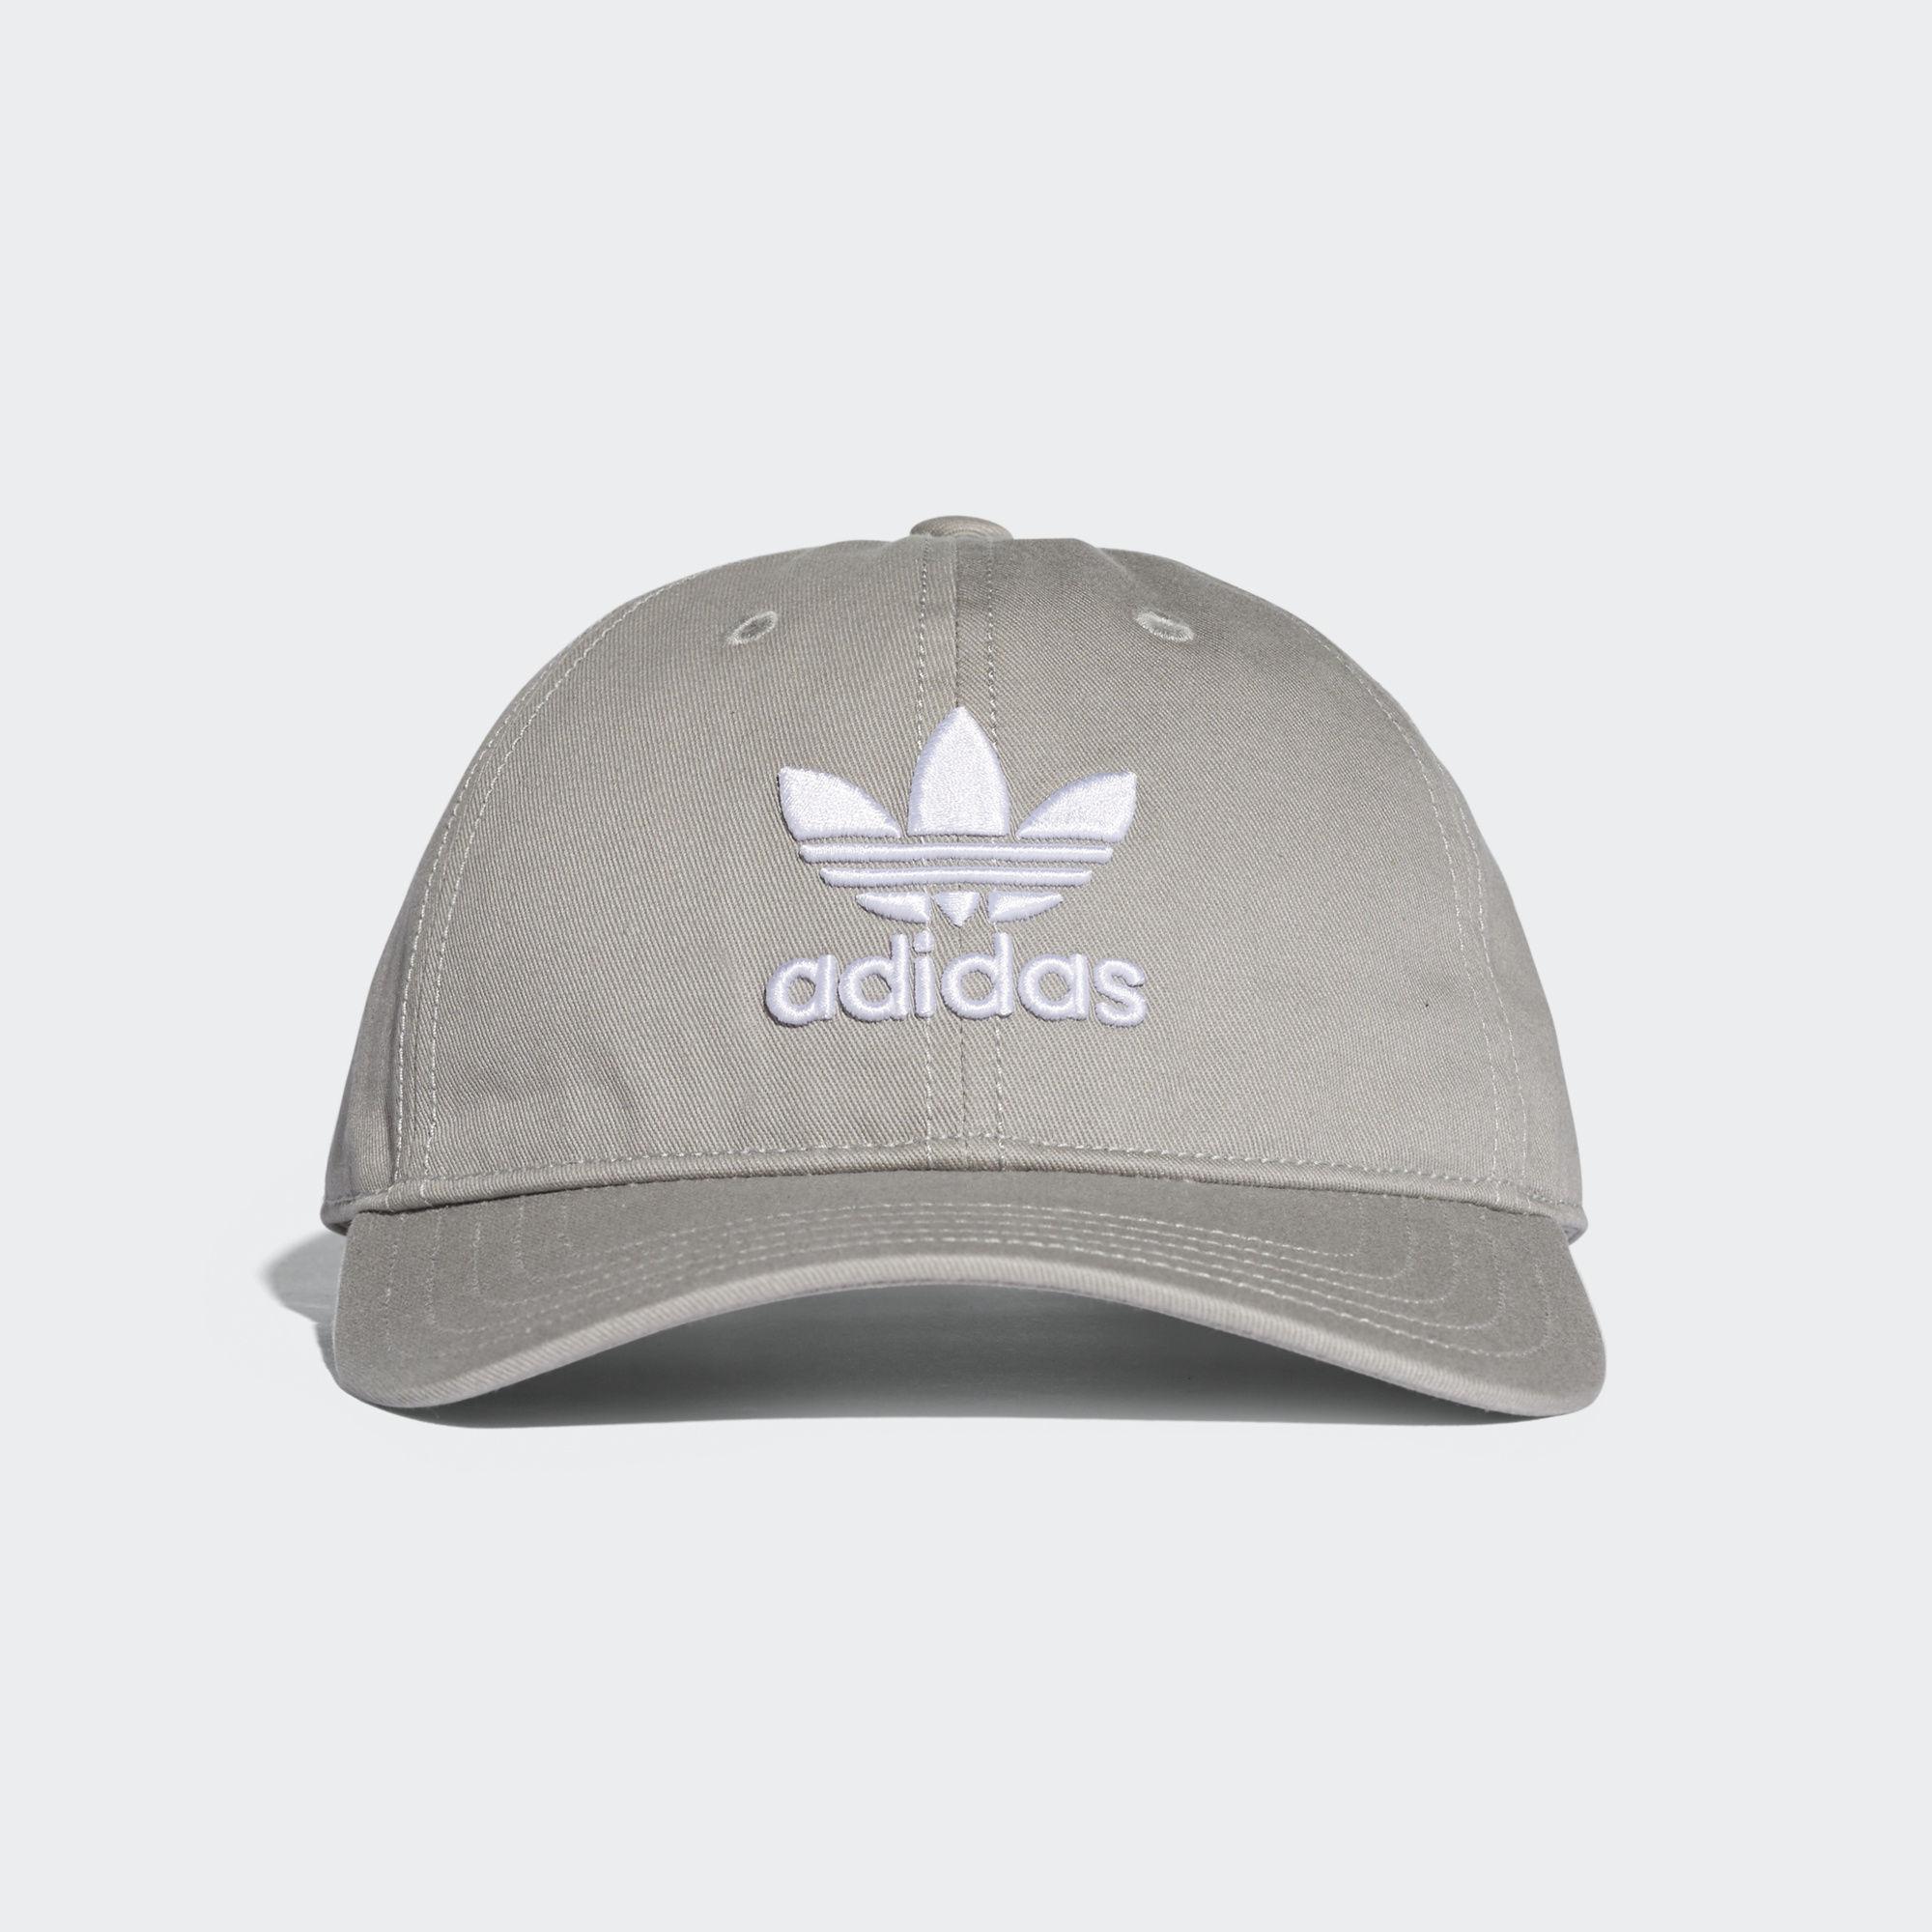 new product 085bb 9bb0f Adidas - Gray Trefoil Classic Cap - Lyst. View fullscreen